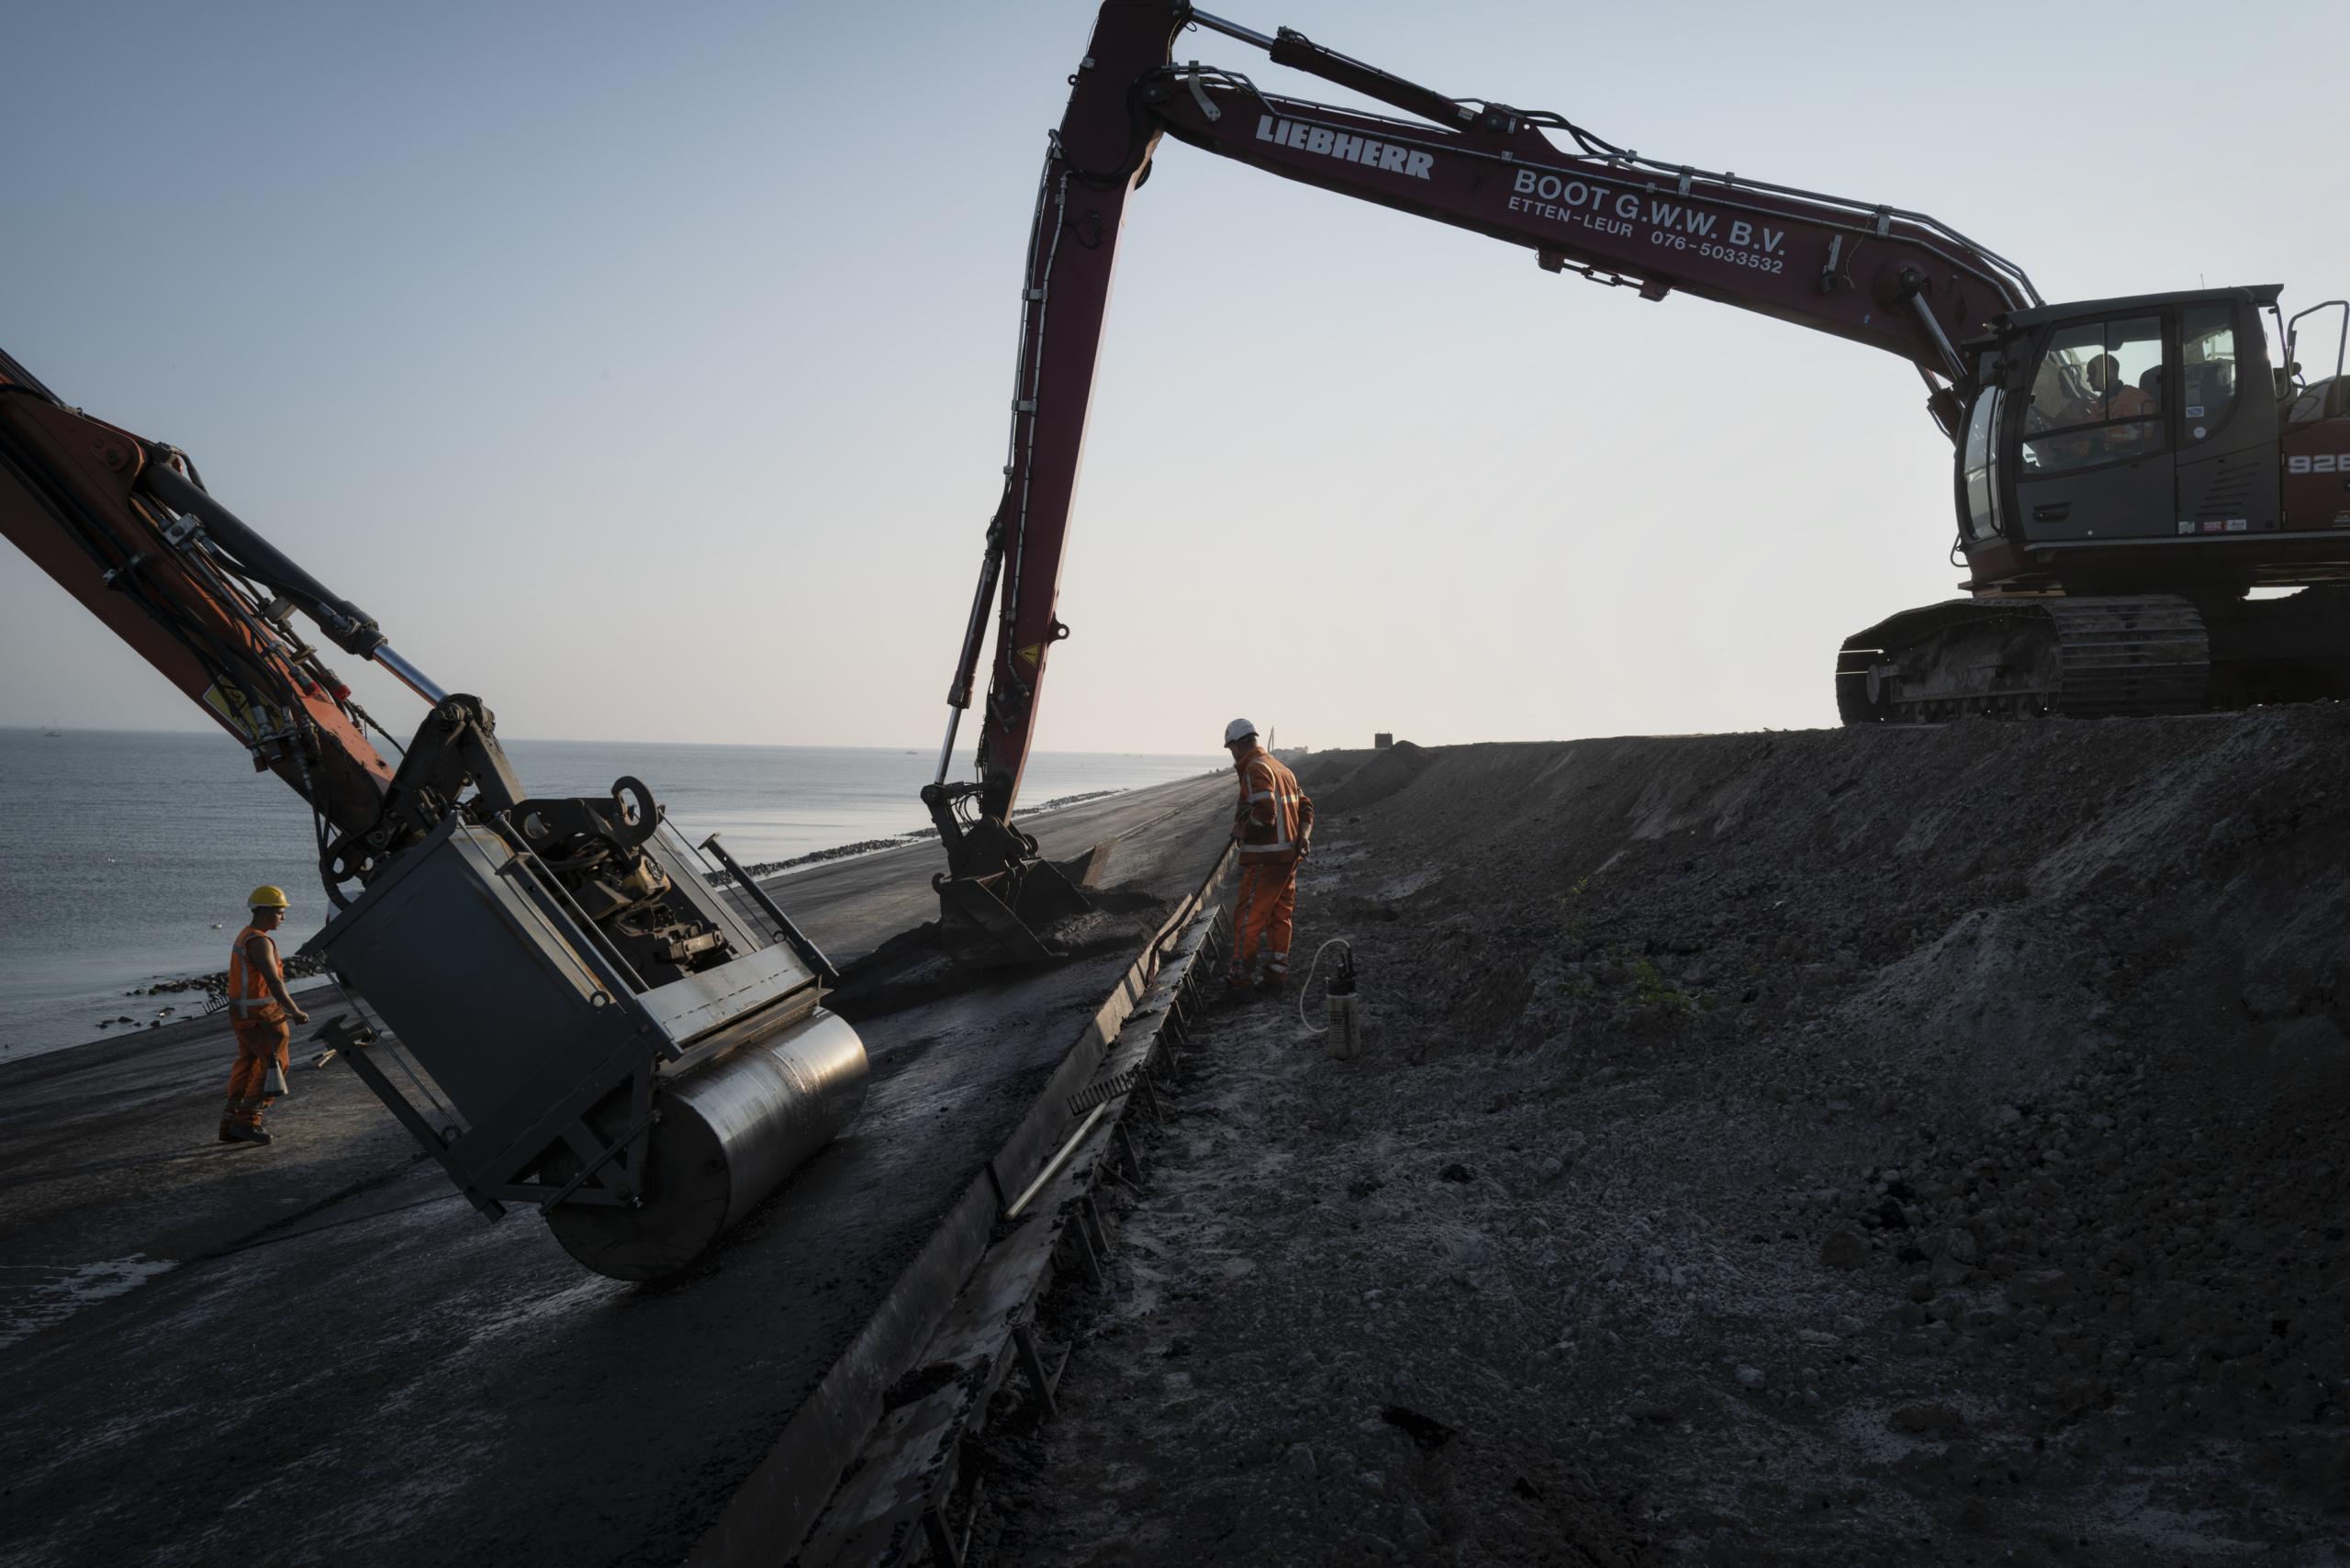 Jason van Bruggen, Construction & Reinforcement of Lauwersmeerdijk, 2020